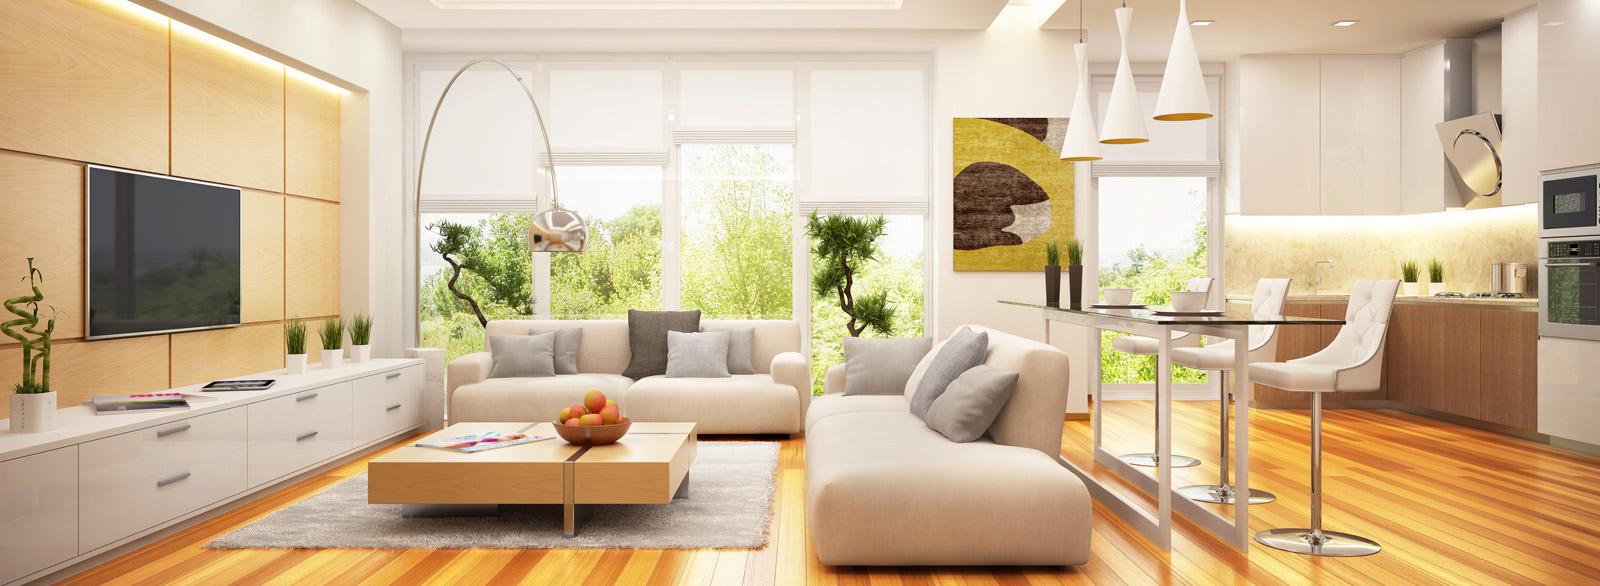 curso online de dise o de interiores para viviendas dsigno On curso de diseño de interiores